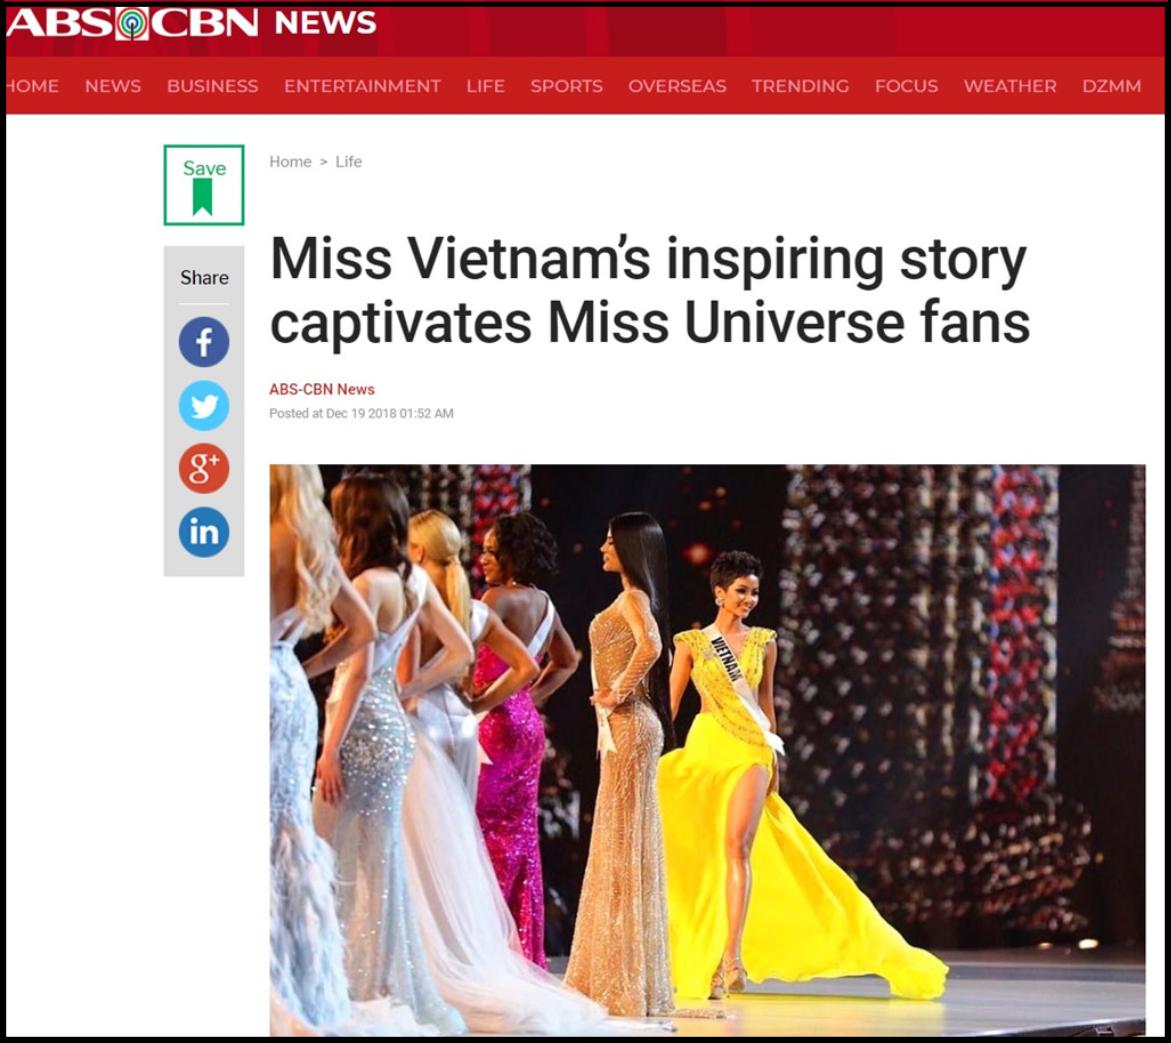 Hàng loạt báo quốc tế hết lời khen ngợi H'Hen Niê sau thành tích tại Miss Universe 2018 - Ảnh 3.